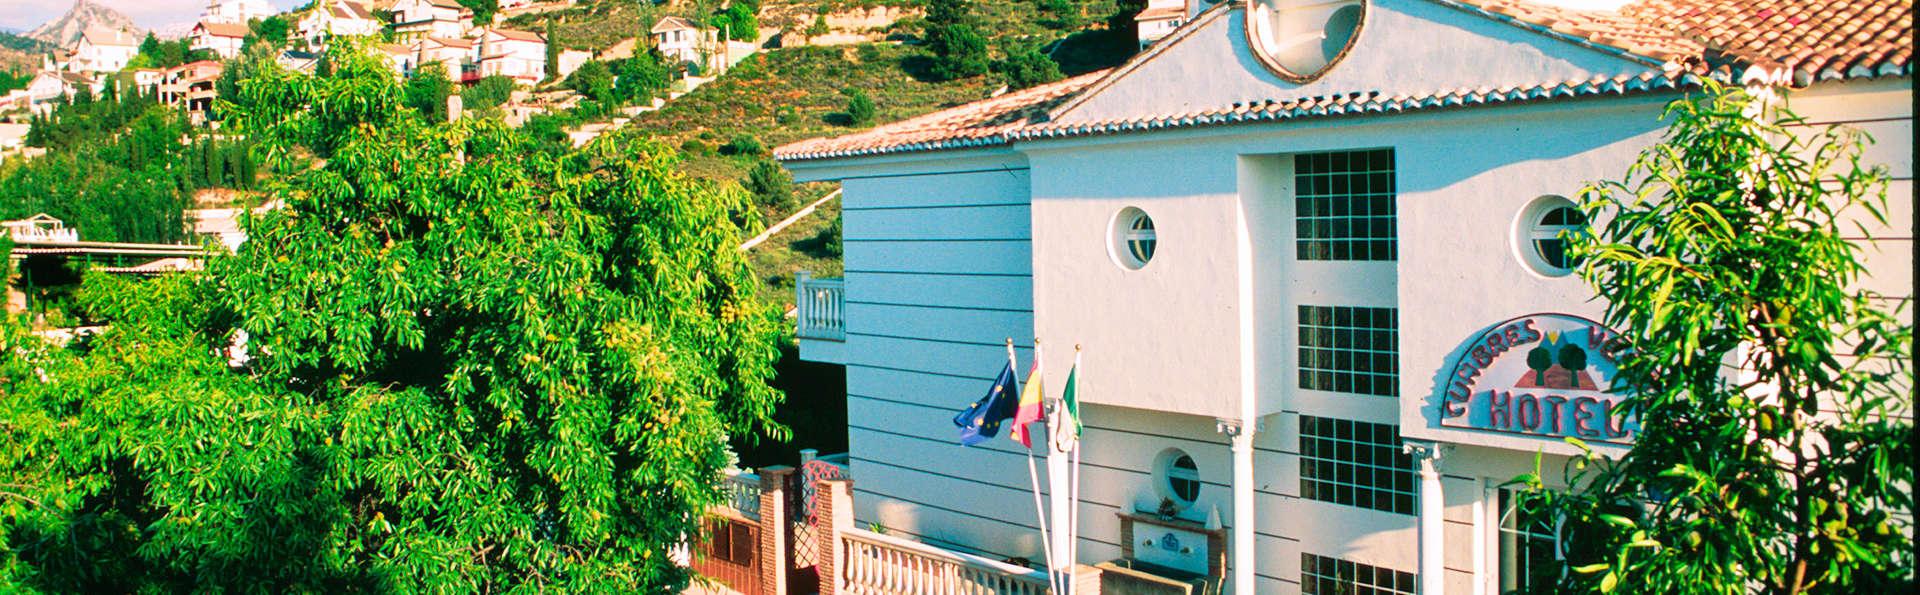 Apartamentos turísticos Cumbres Verdes - EDIT_front.jpg